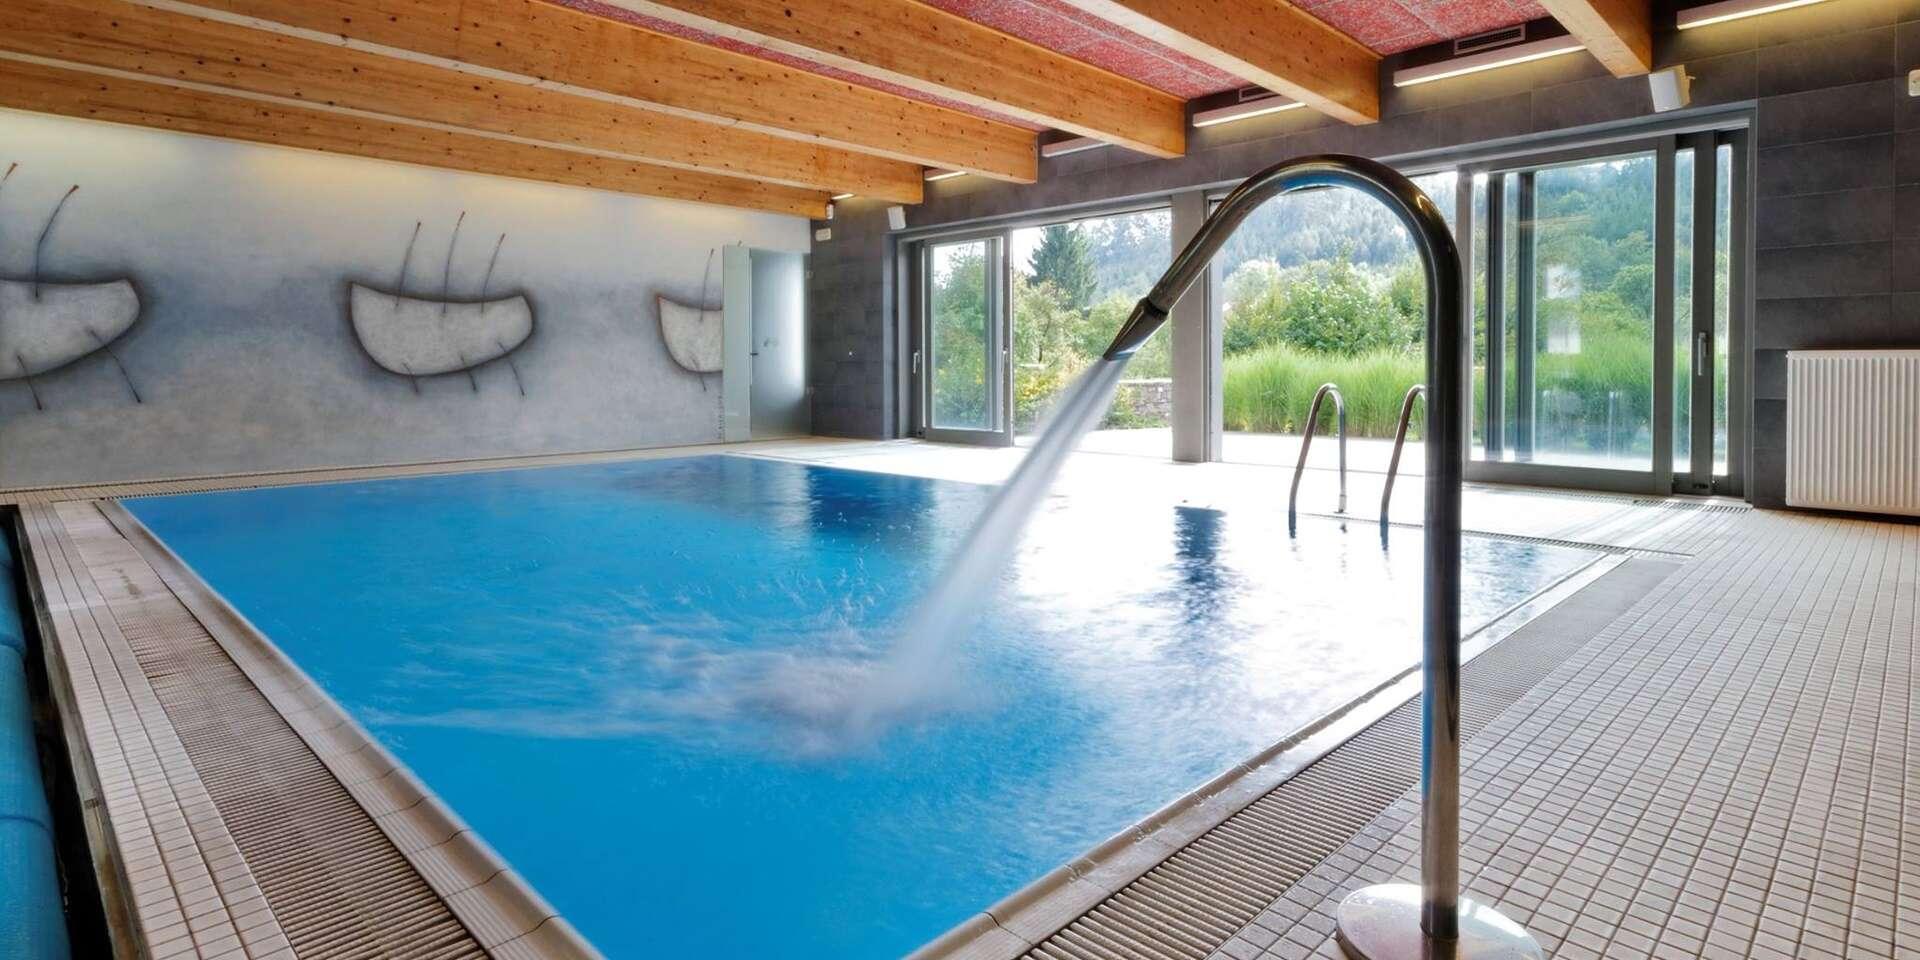 Všední dny v hotelu U Tří volů na jižní Moravě s polopenzí, bazénem a možností wellness za polovic